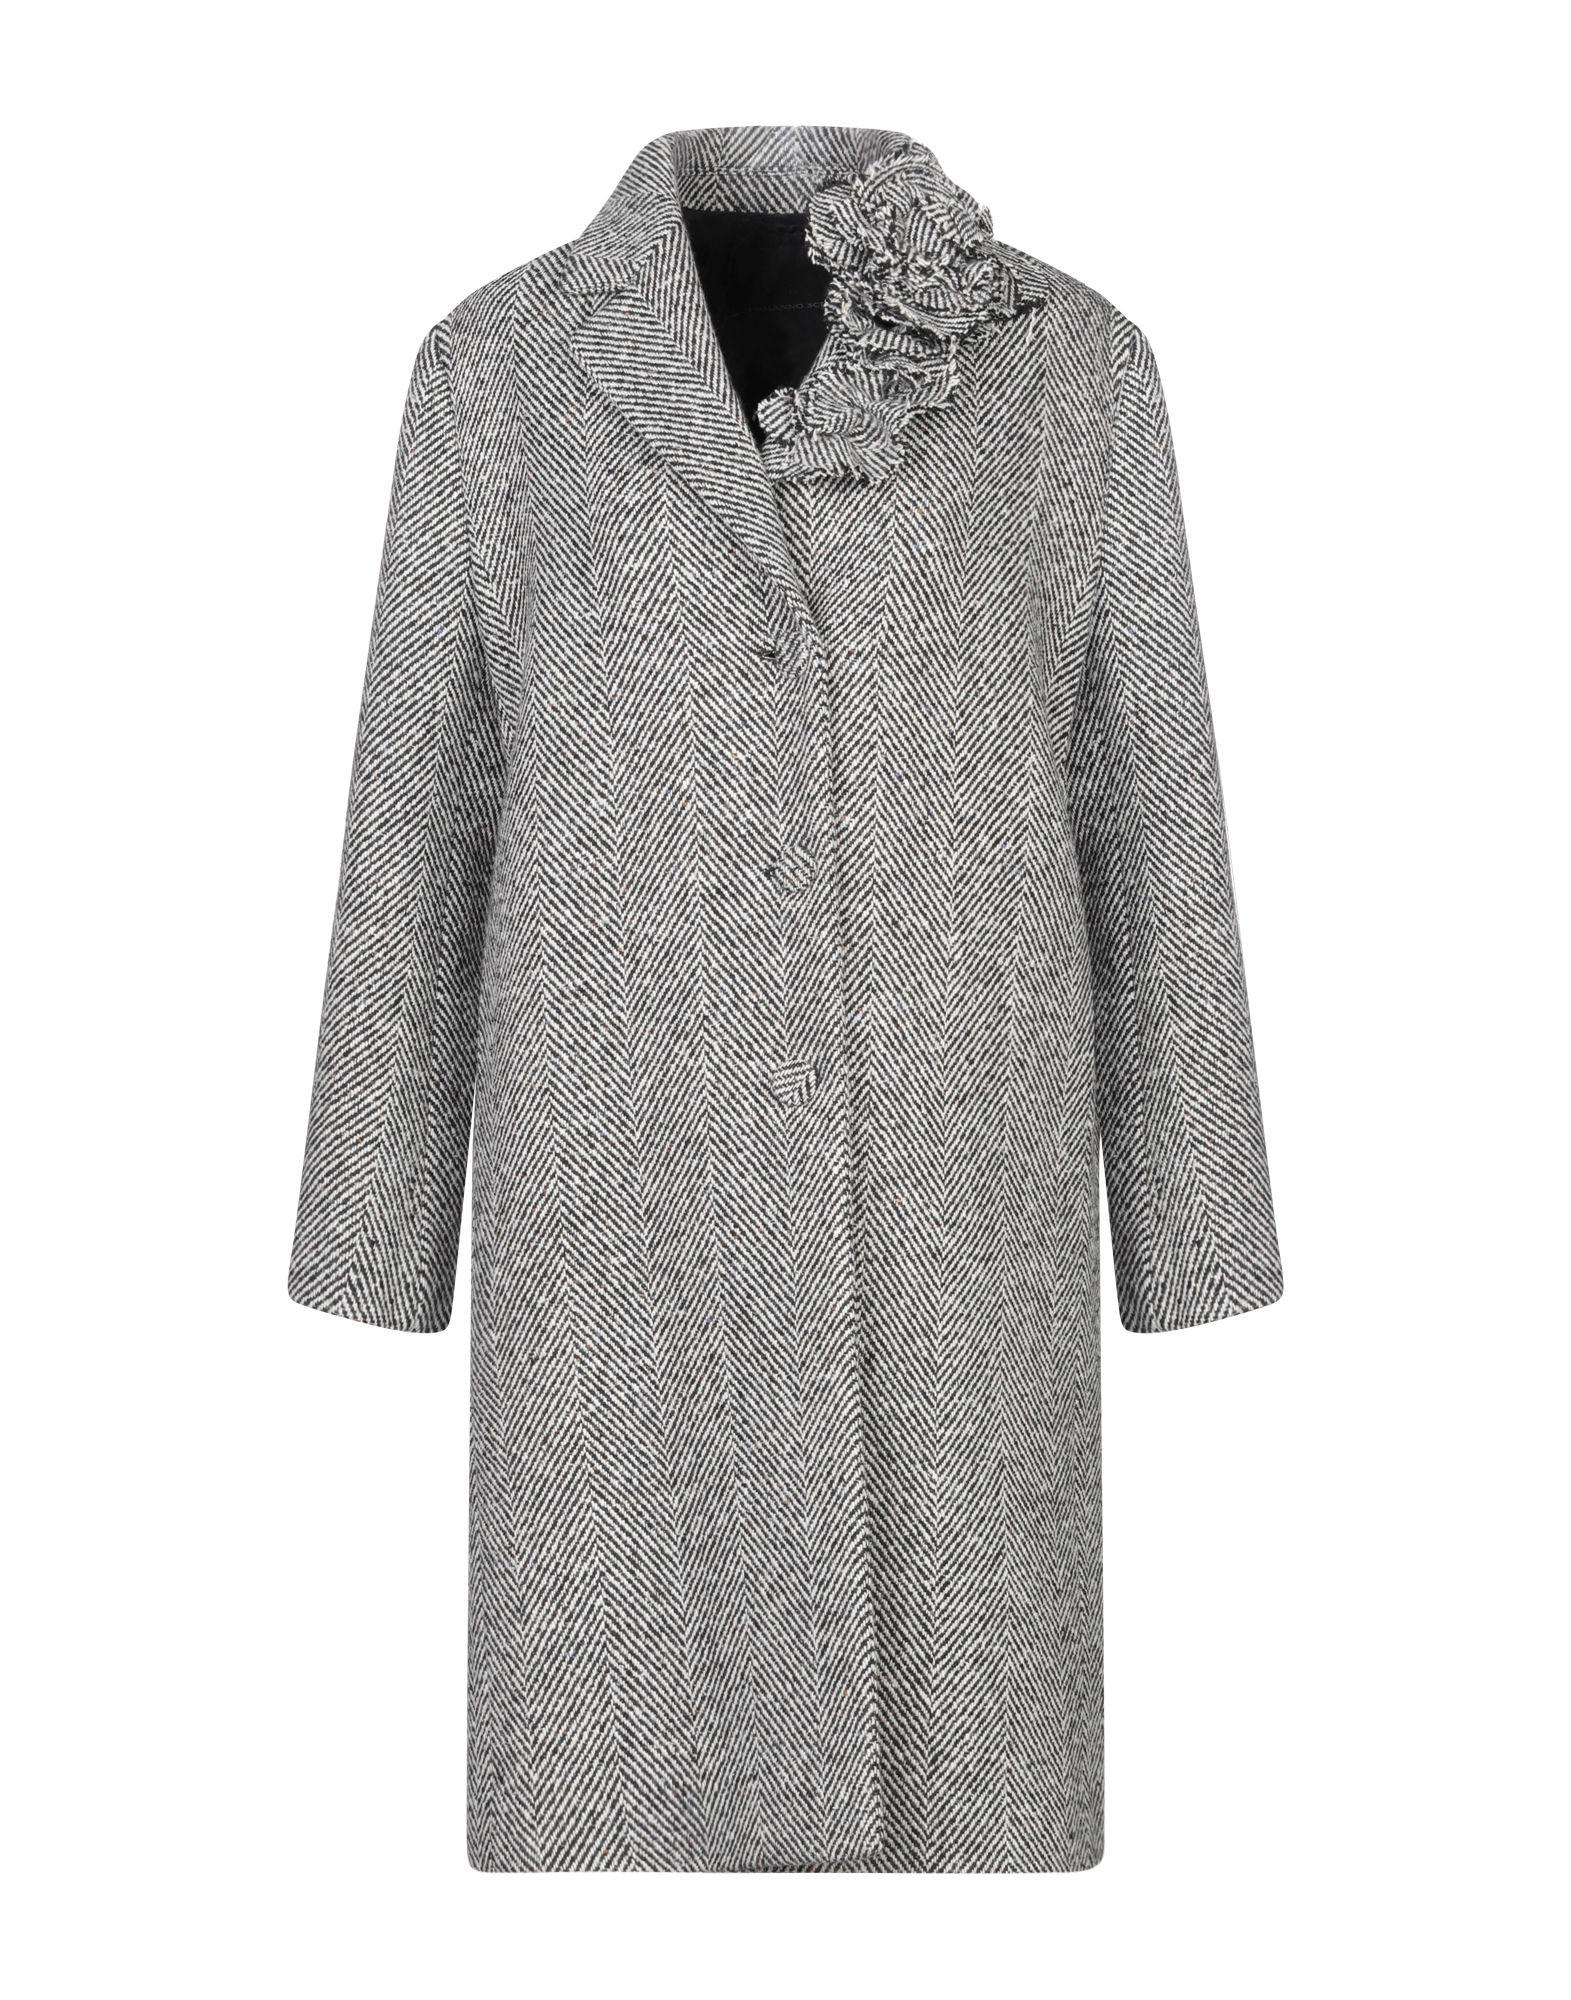 59a7f8dfdb9965 Cappotti Cachemire Donna Collezione Primavera-Estate e Autunno-Inverno -  Acquista online su YOOX